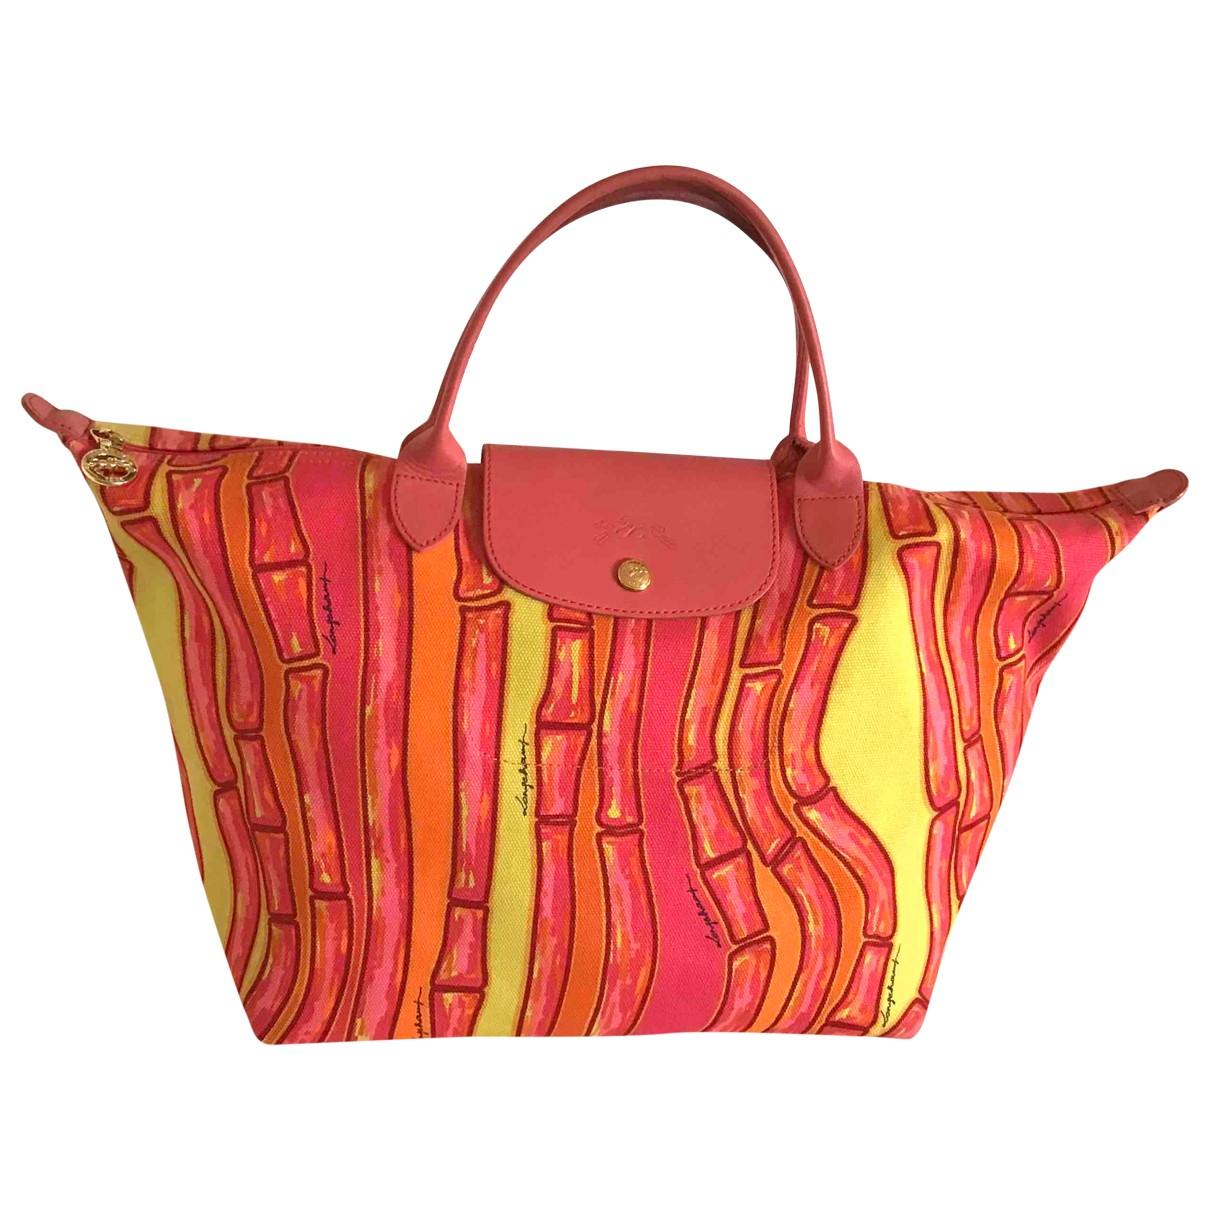 Longchamp - Sac a main Roseau pour femme en toile - rose